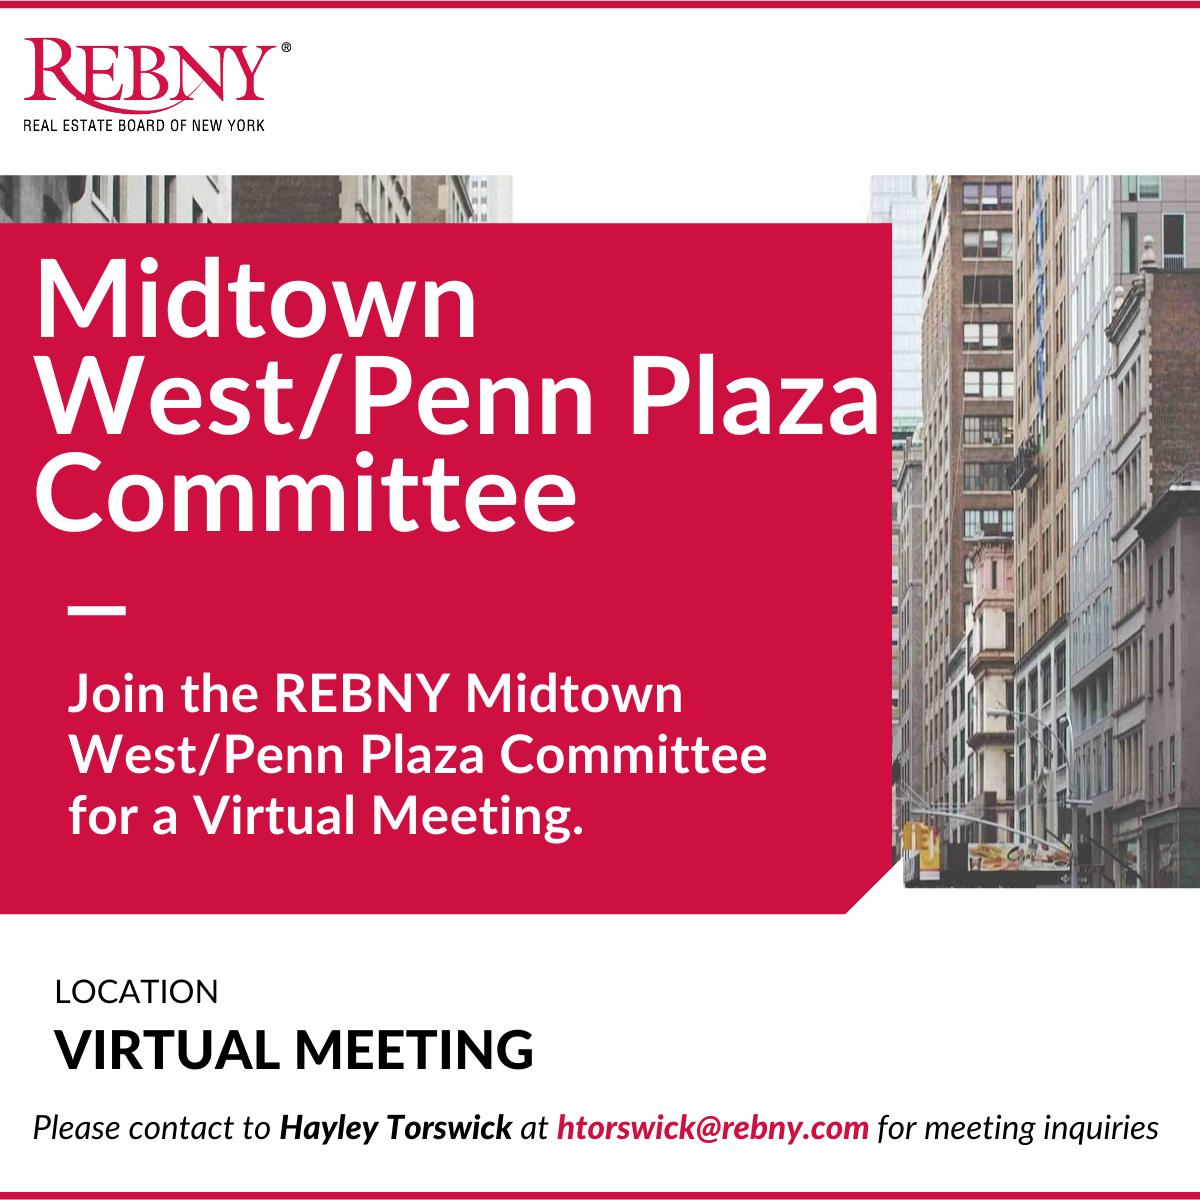 Virtual Commercial Brokerage Midtown West/Penn Plaza Committee Meeting